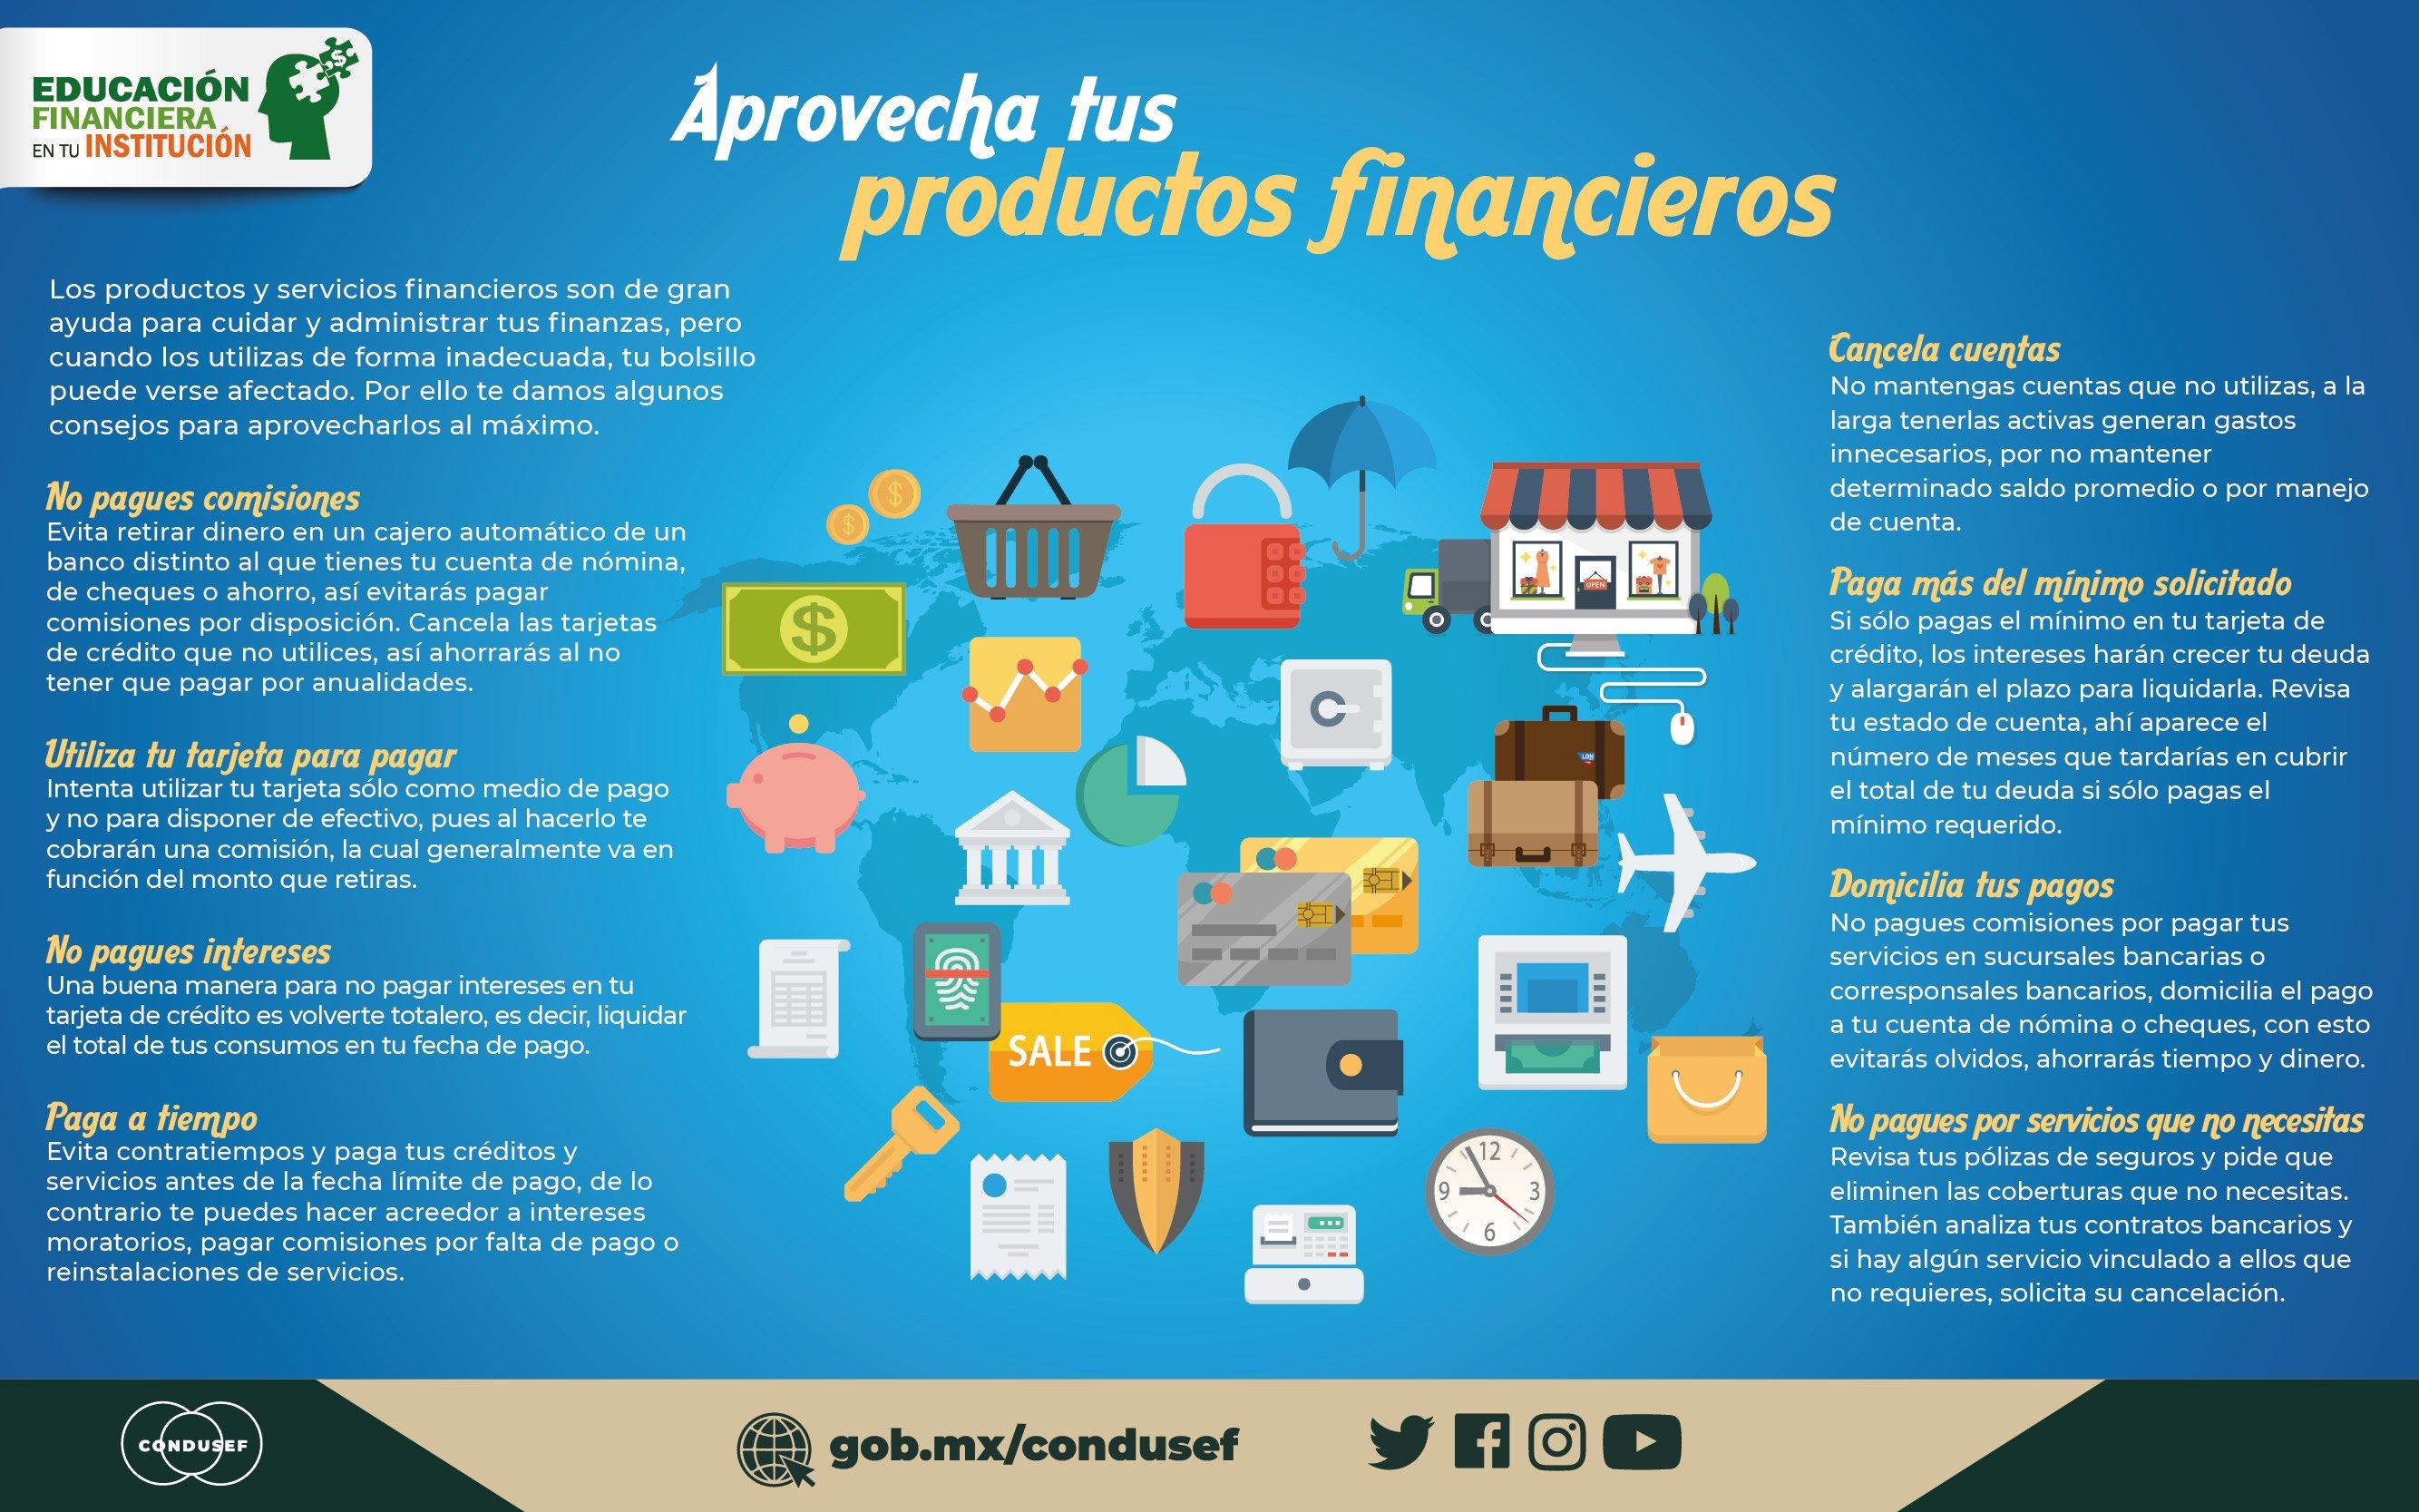 Aprovecha  tus productos financieros